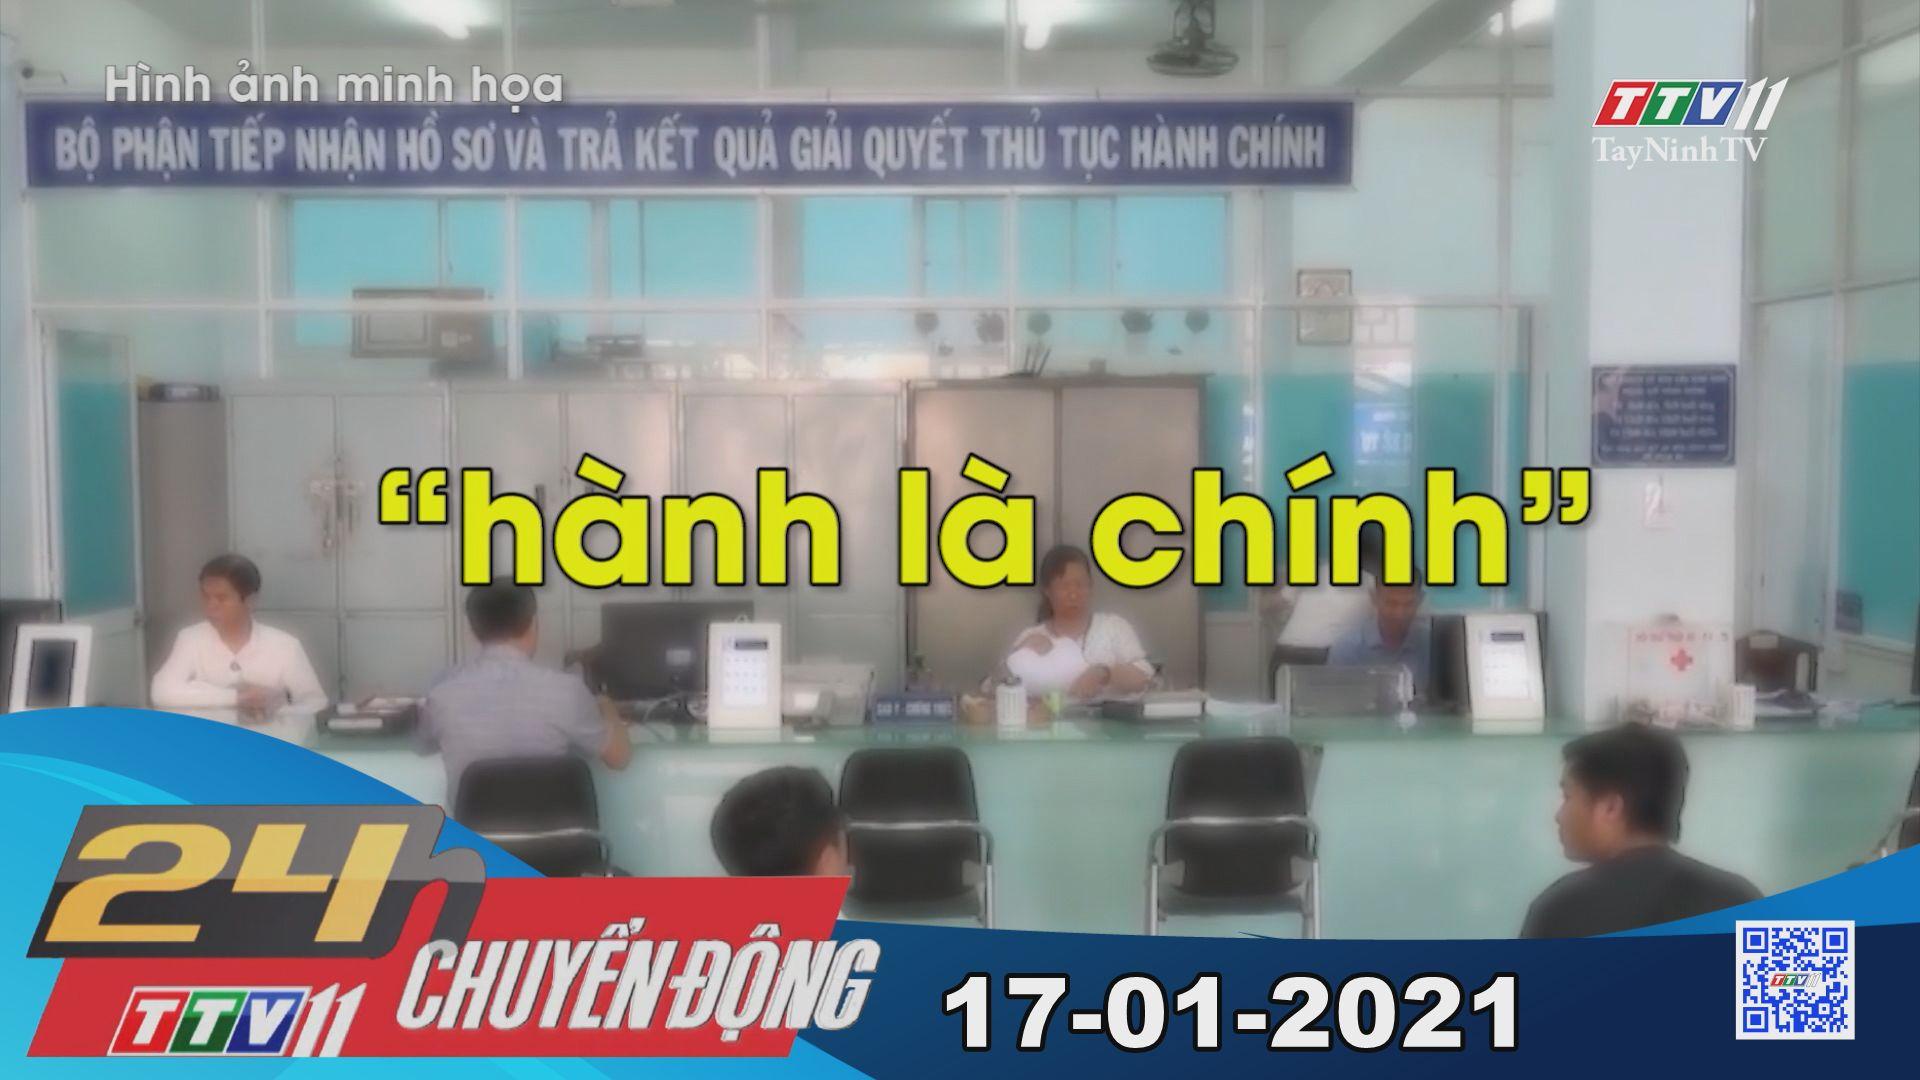 24h Chuyển động 17-01-2021 | Tin tức hôm nay | TayNinhTV